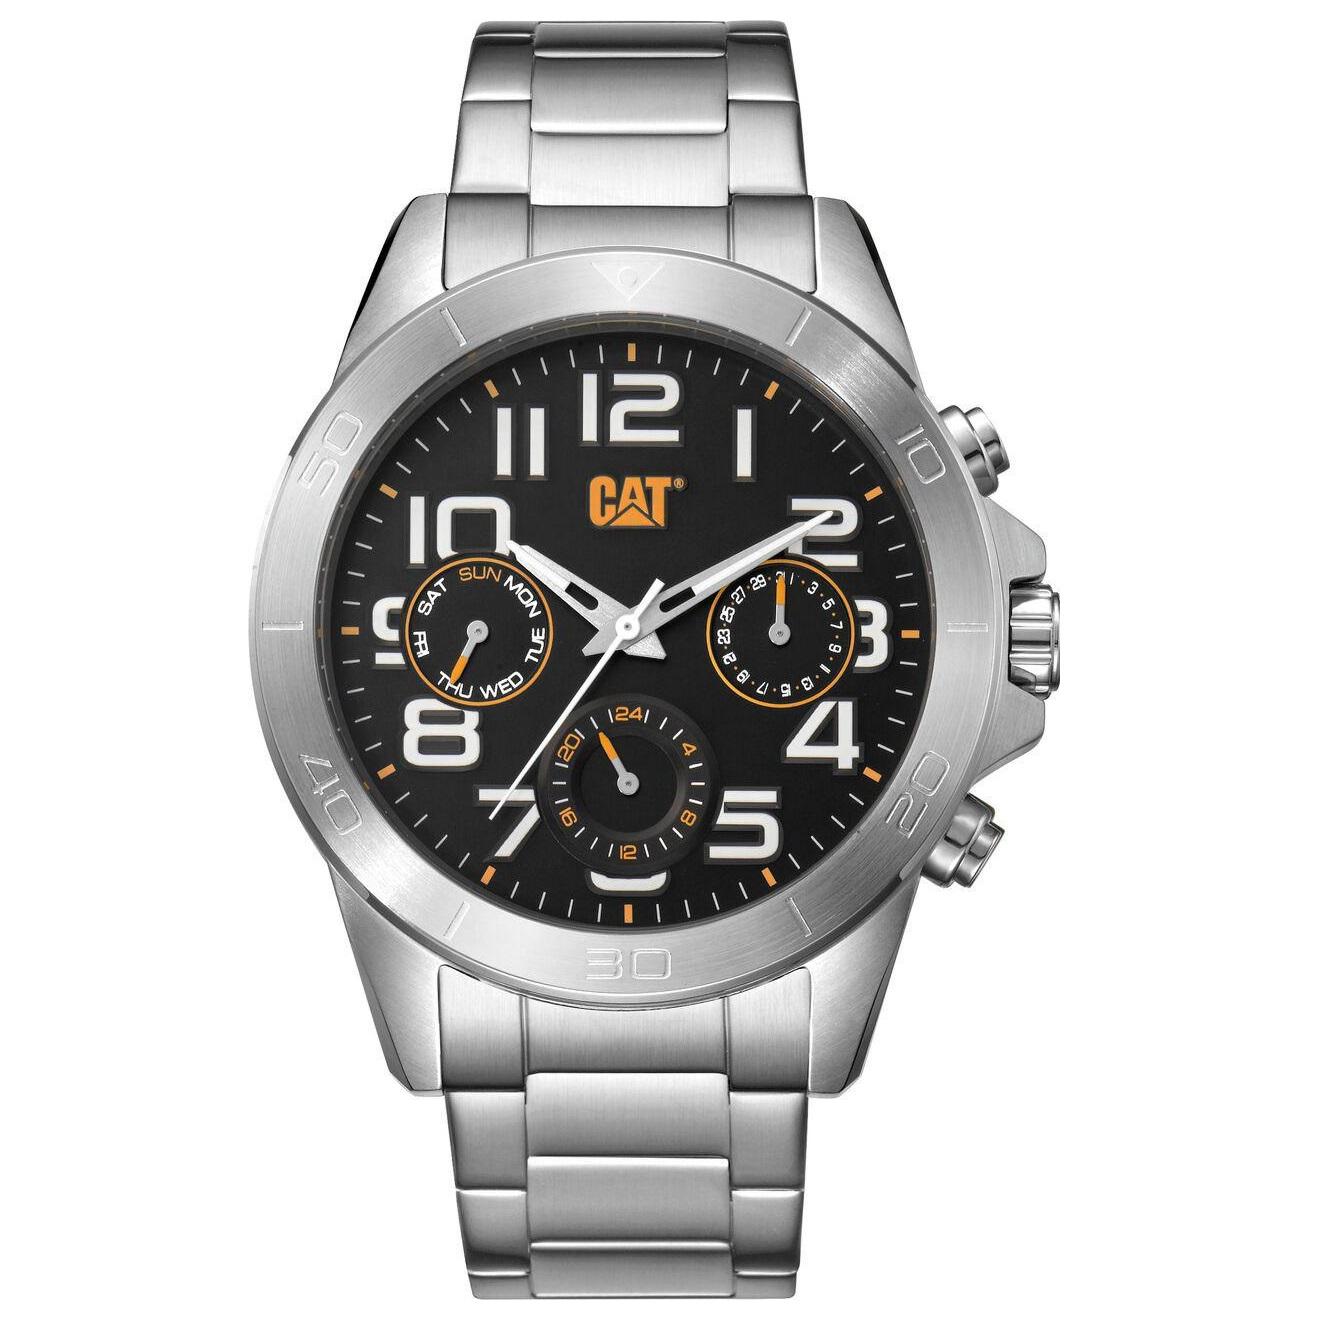 ساعت مچی عقربه ای مردانه کاترپیلار مدل YT.149.11.112